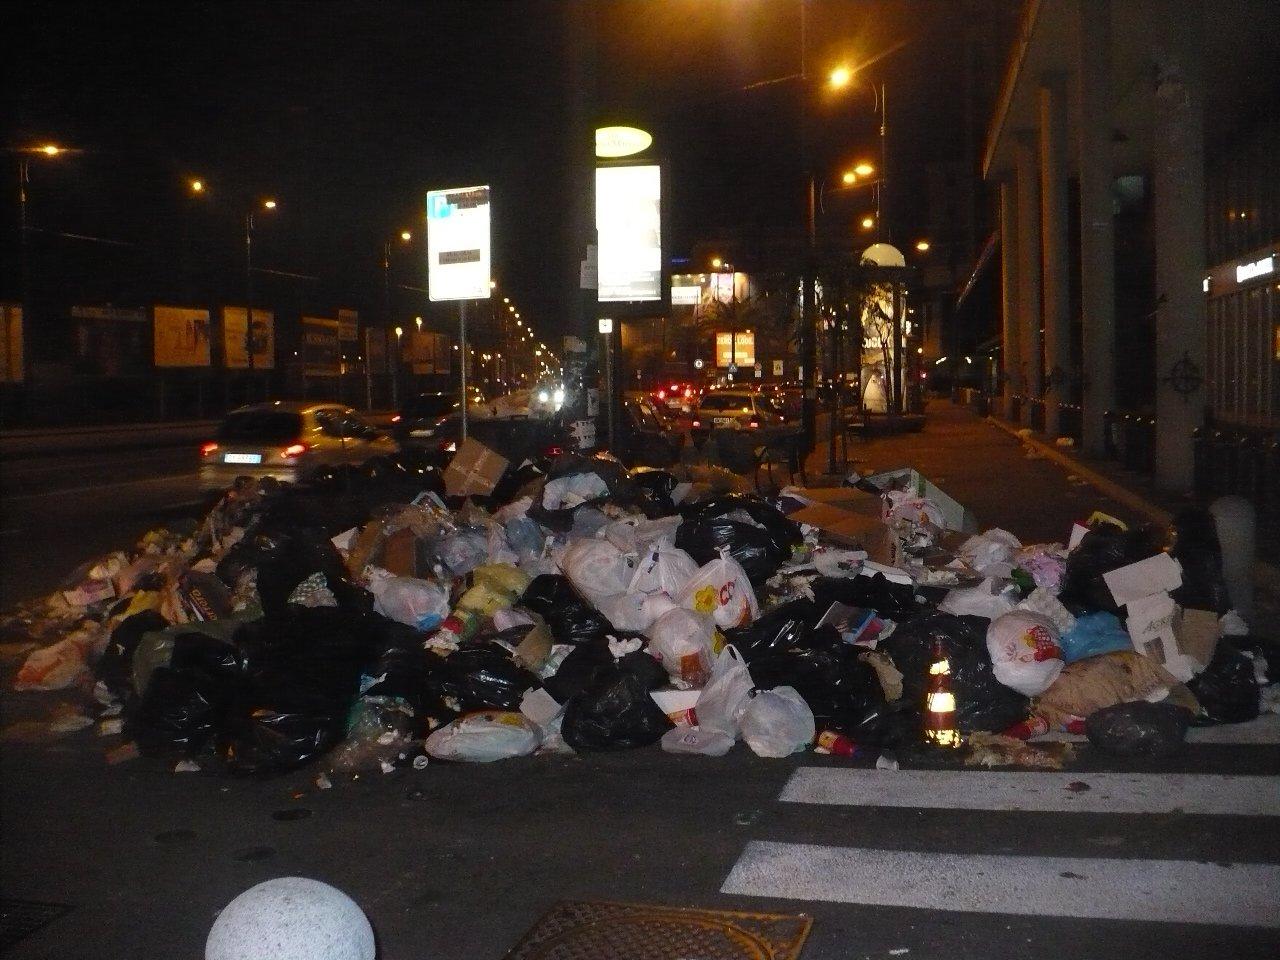 italy-trash-napoli